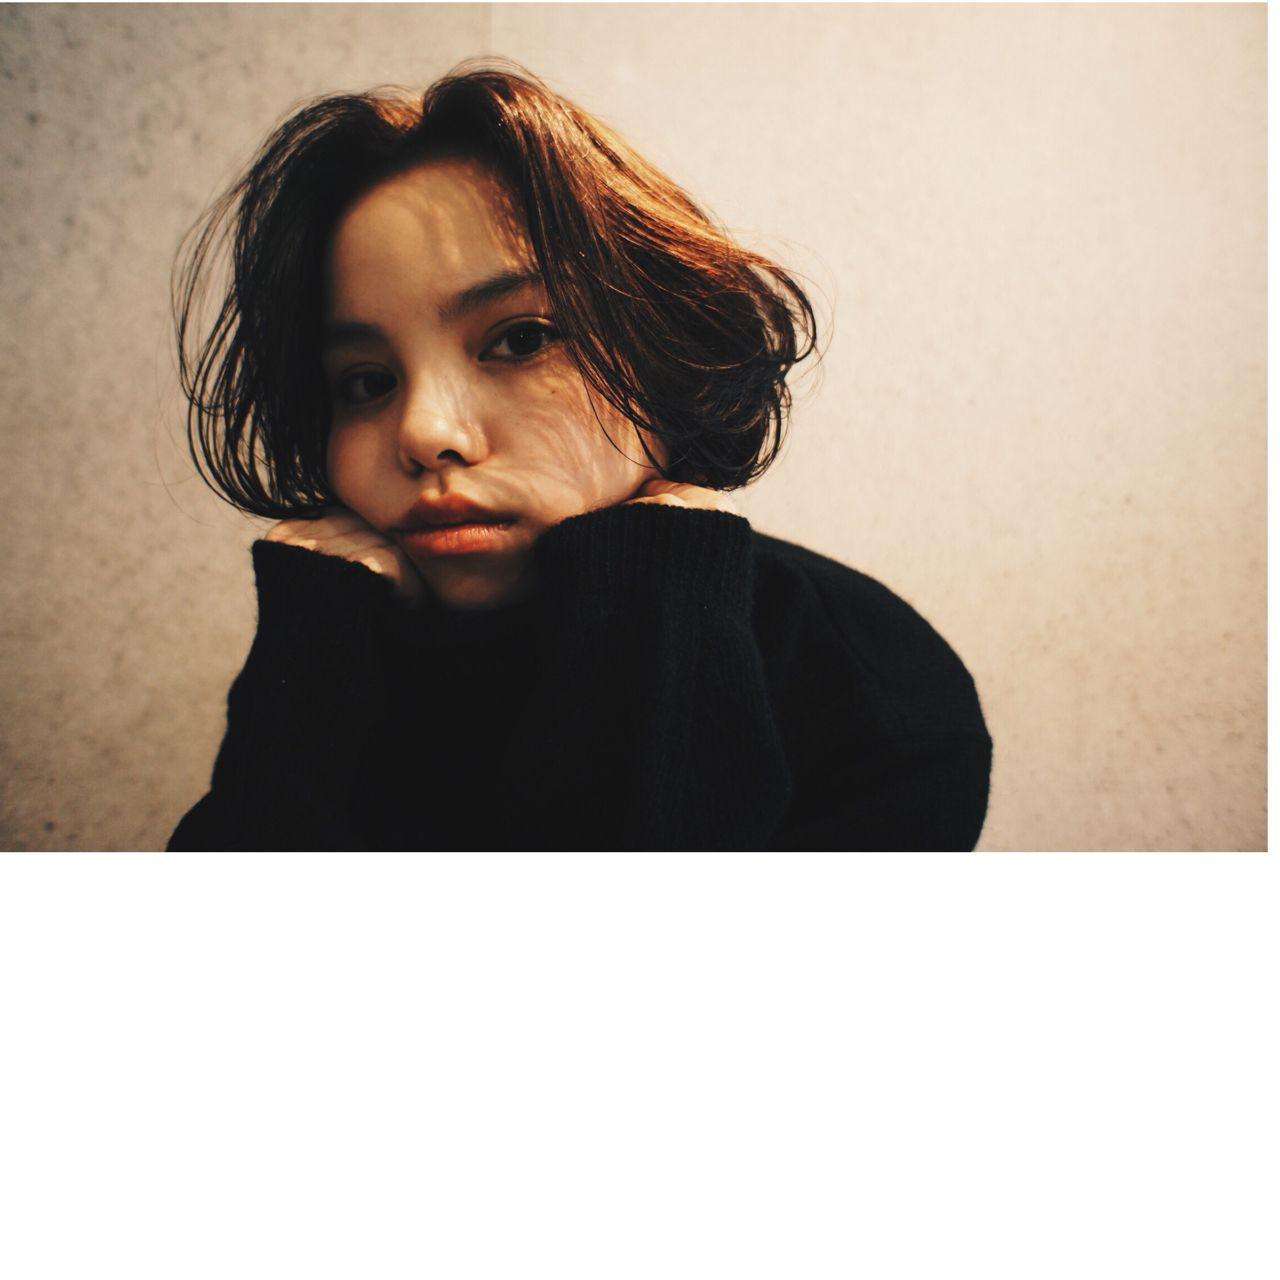 春夏のトレンドカラーはブラック!シックなコーディネートに似合うヘアスタイルとは…? YAMASHITA / nanuk